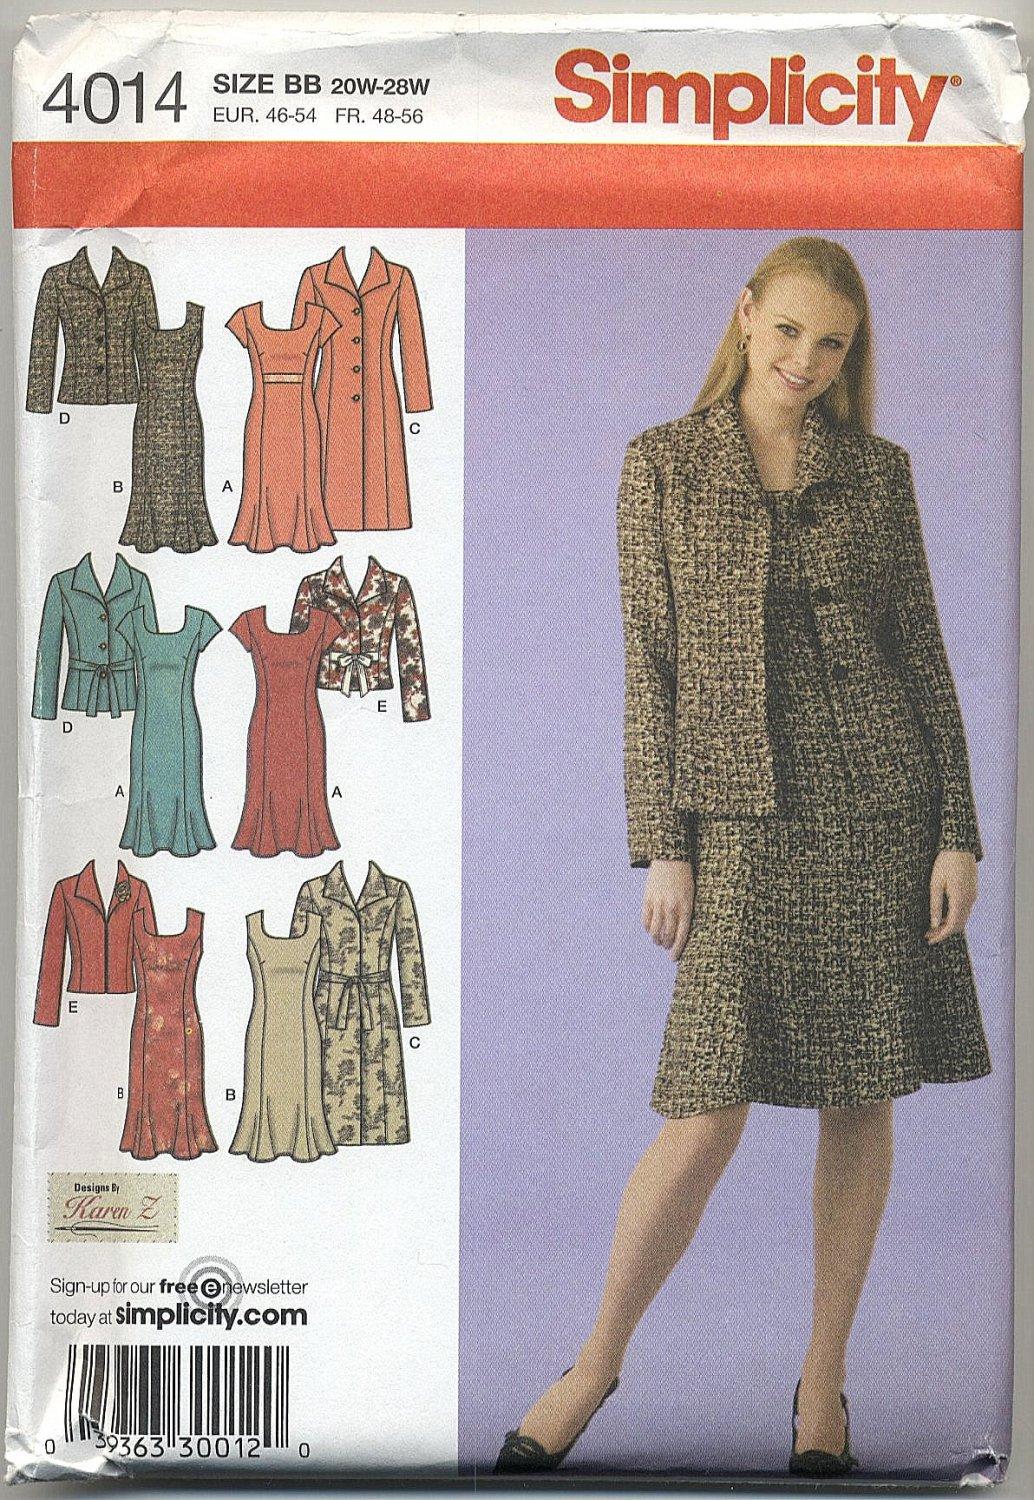 Simplicity 4014 Coat, Jacket & Dress - Sewing Pattern Women's 20W-28W Karen Z Wardrobe